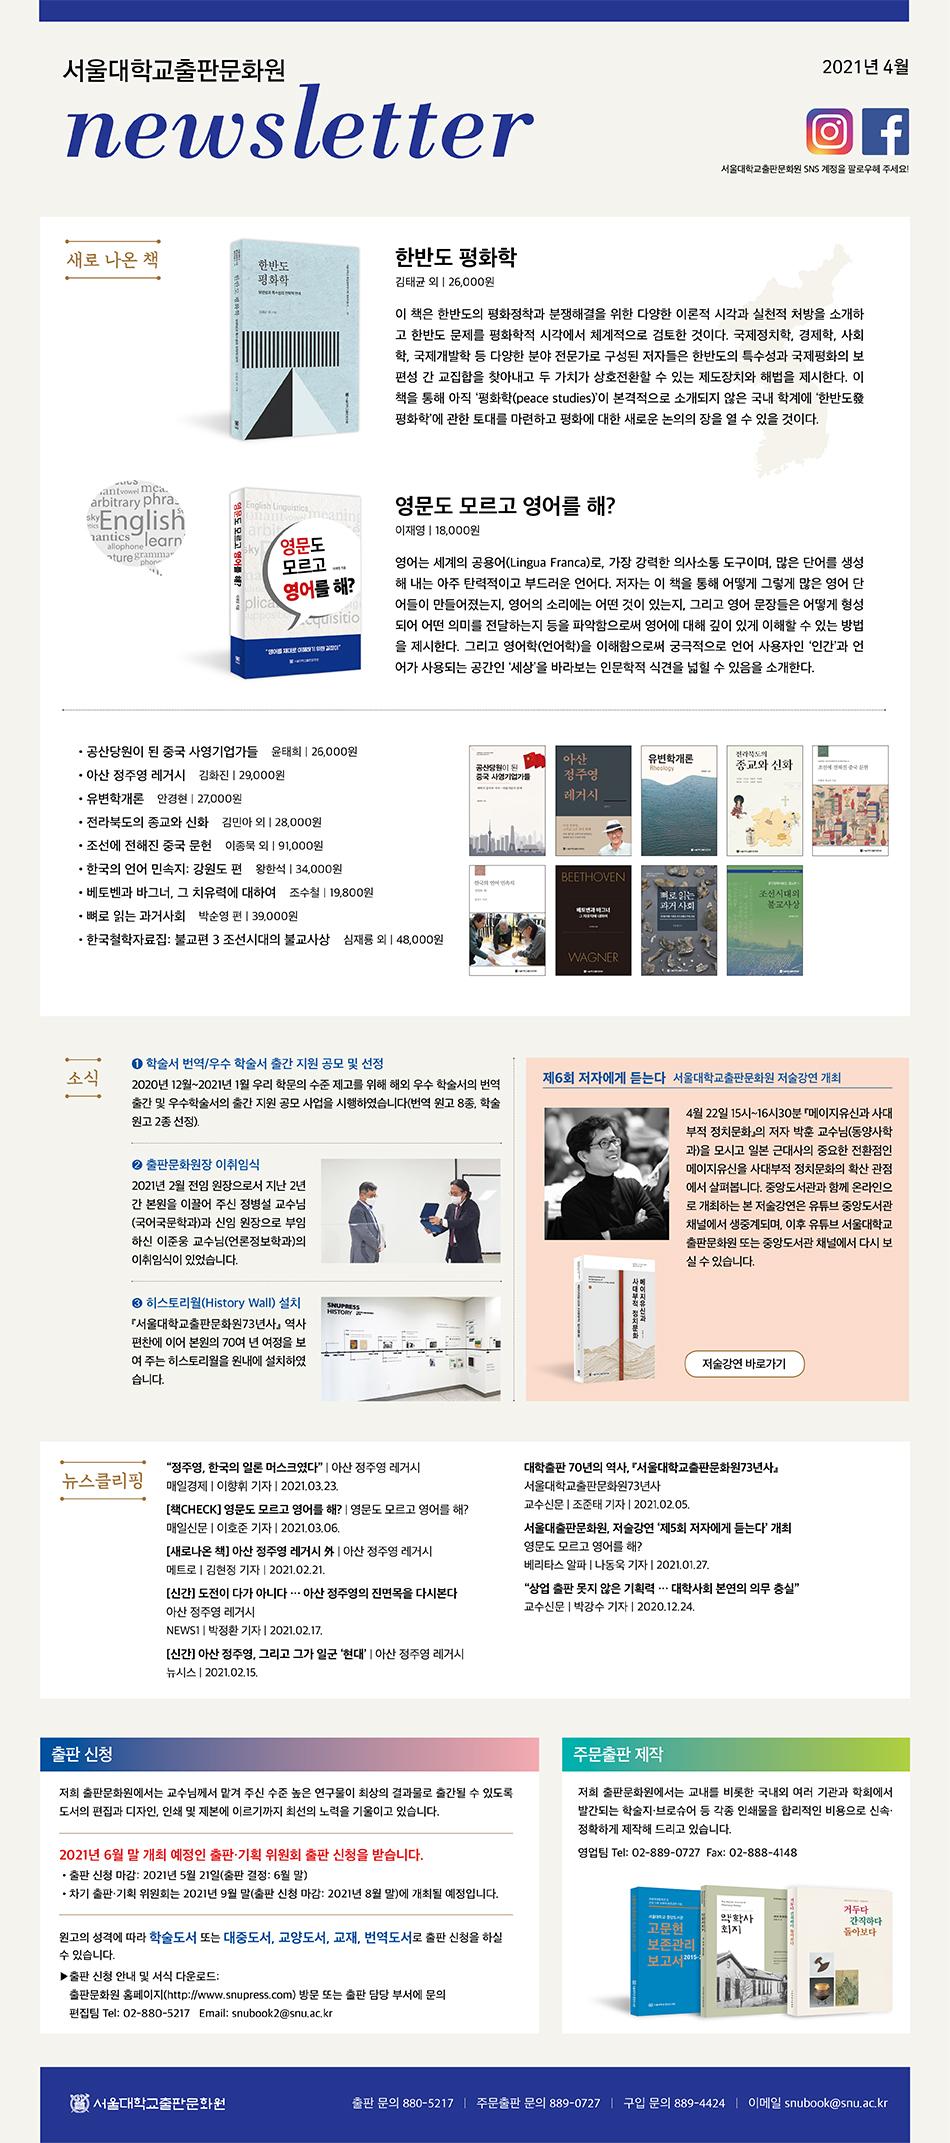 서울대학교 출판문화원 뉴스레터(2021-04월호)